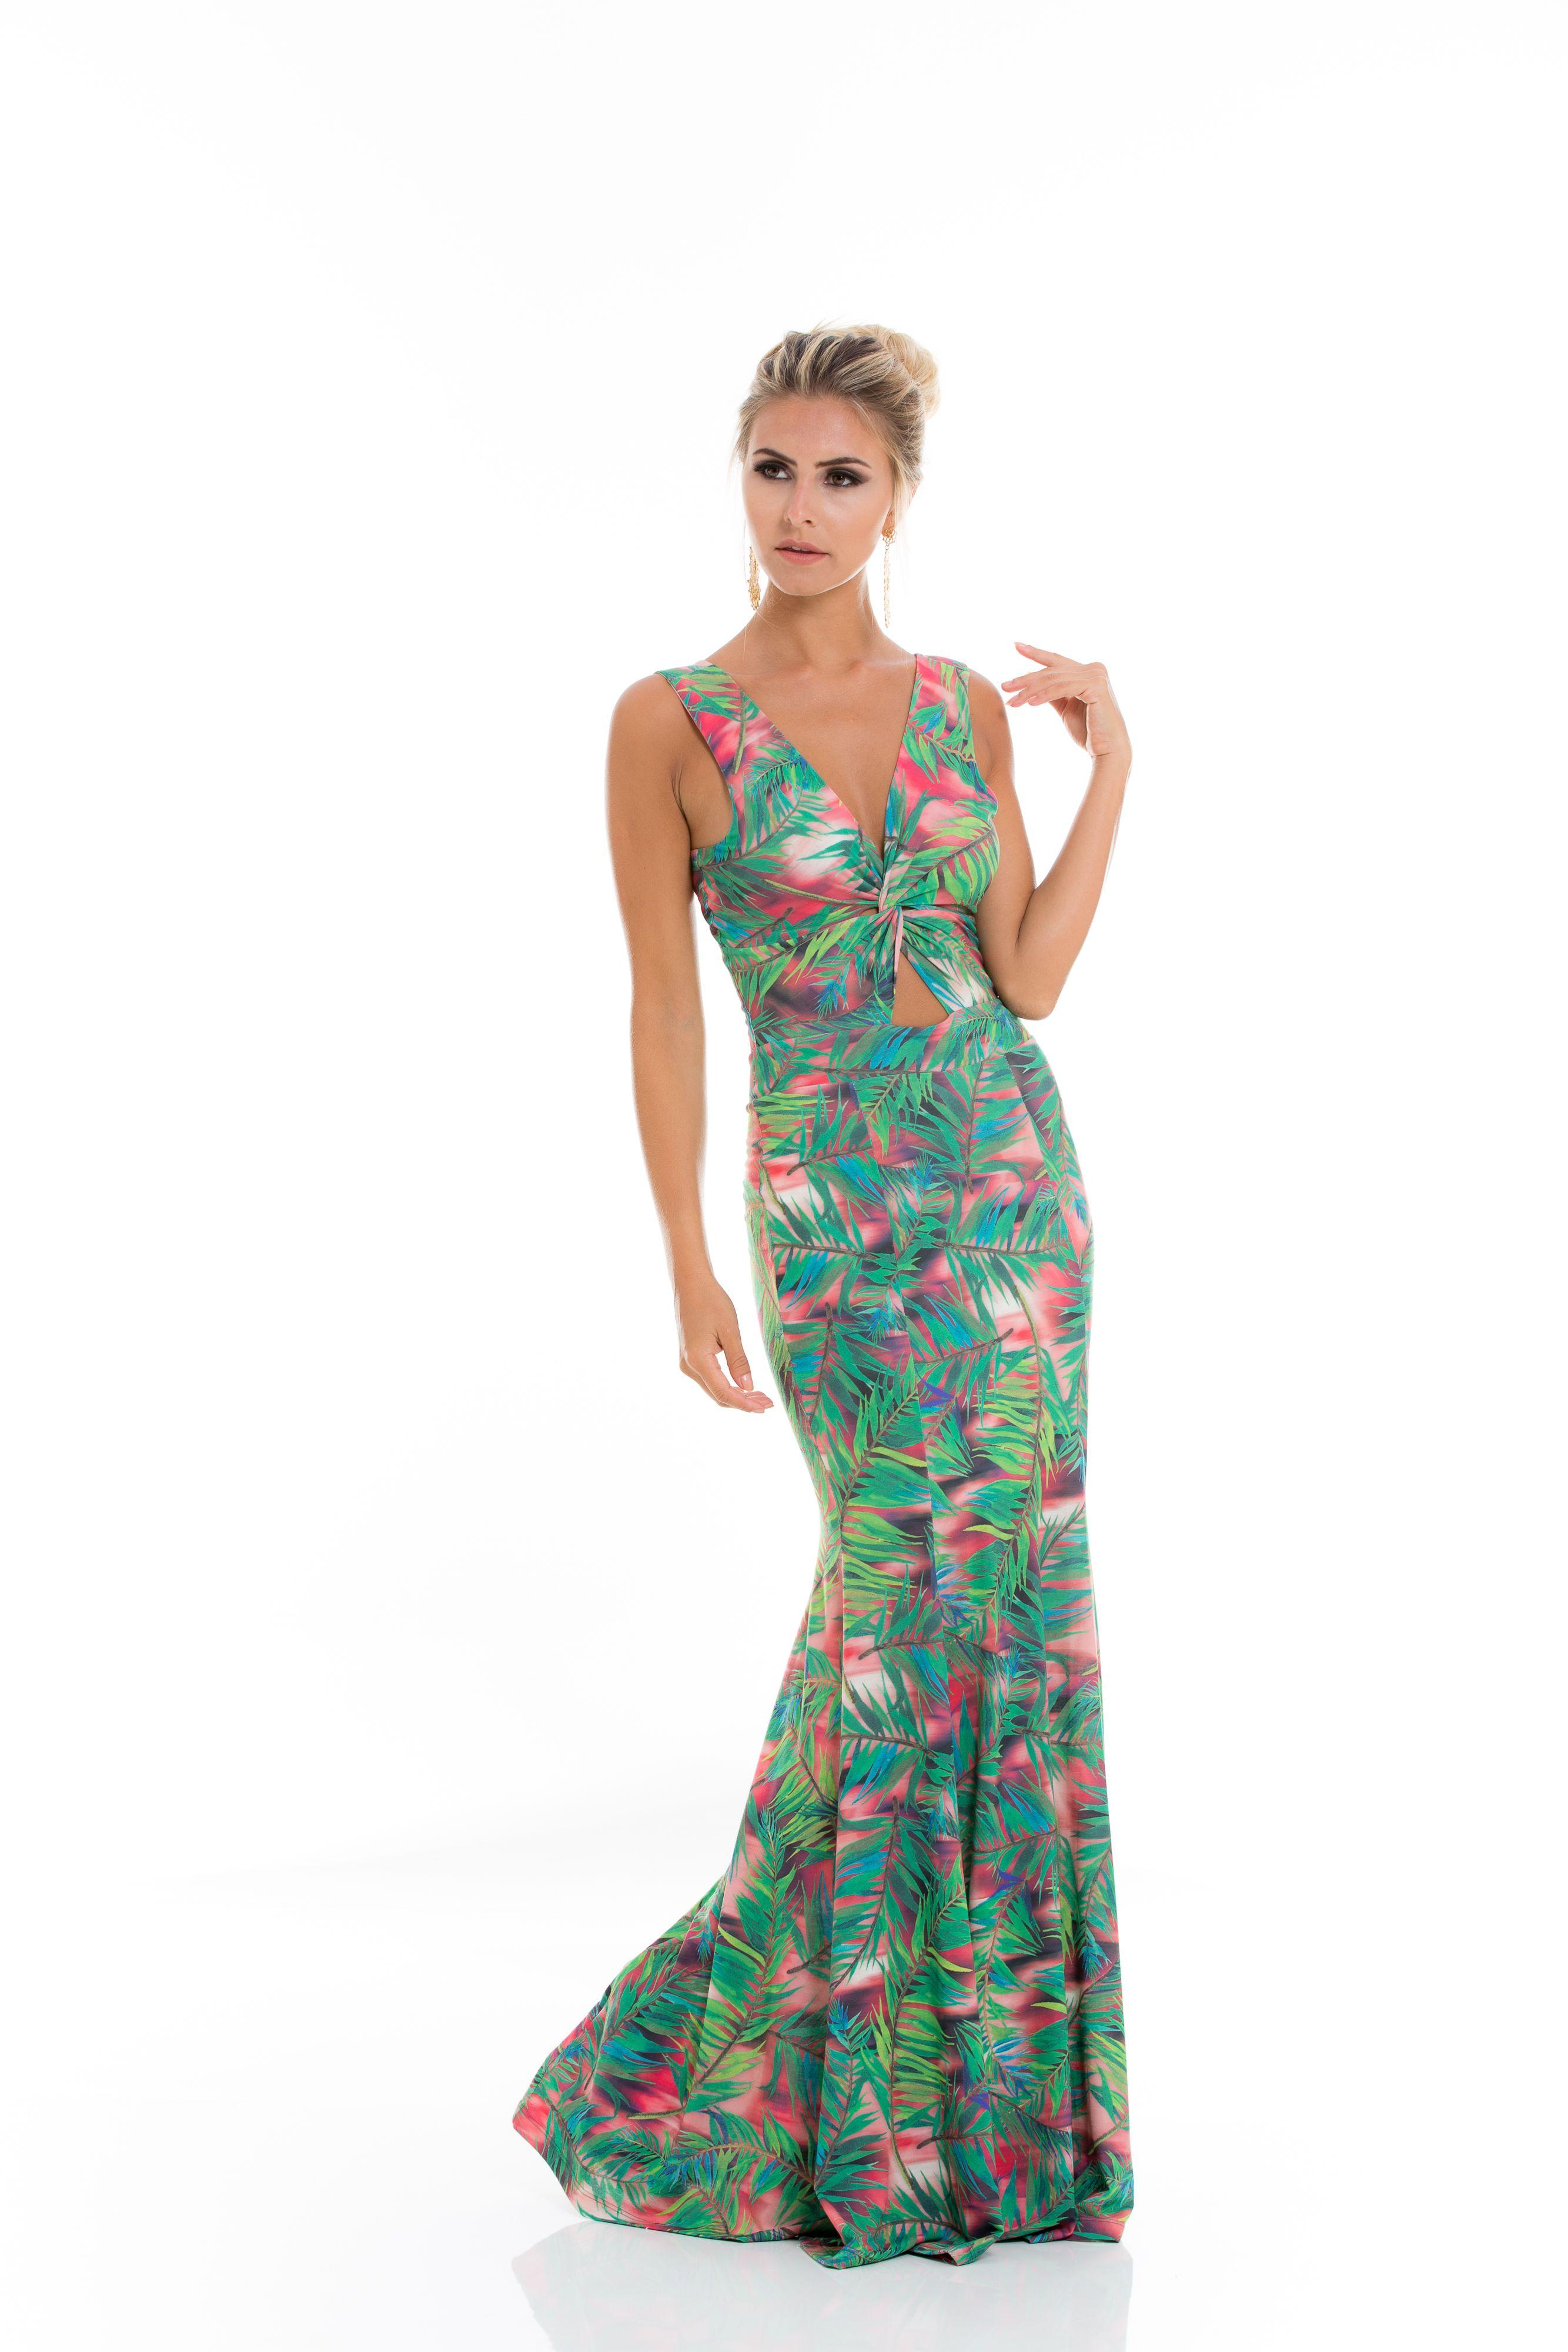 A estampa tropical está em alta! As folhagens invadem as peças e este vestido longo com detalhe vazado é perfeito para diversas ocasiões.